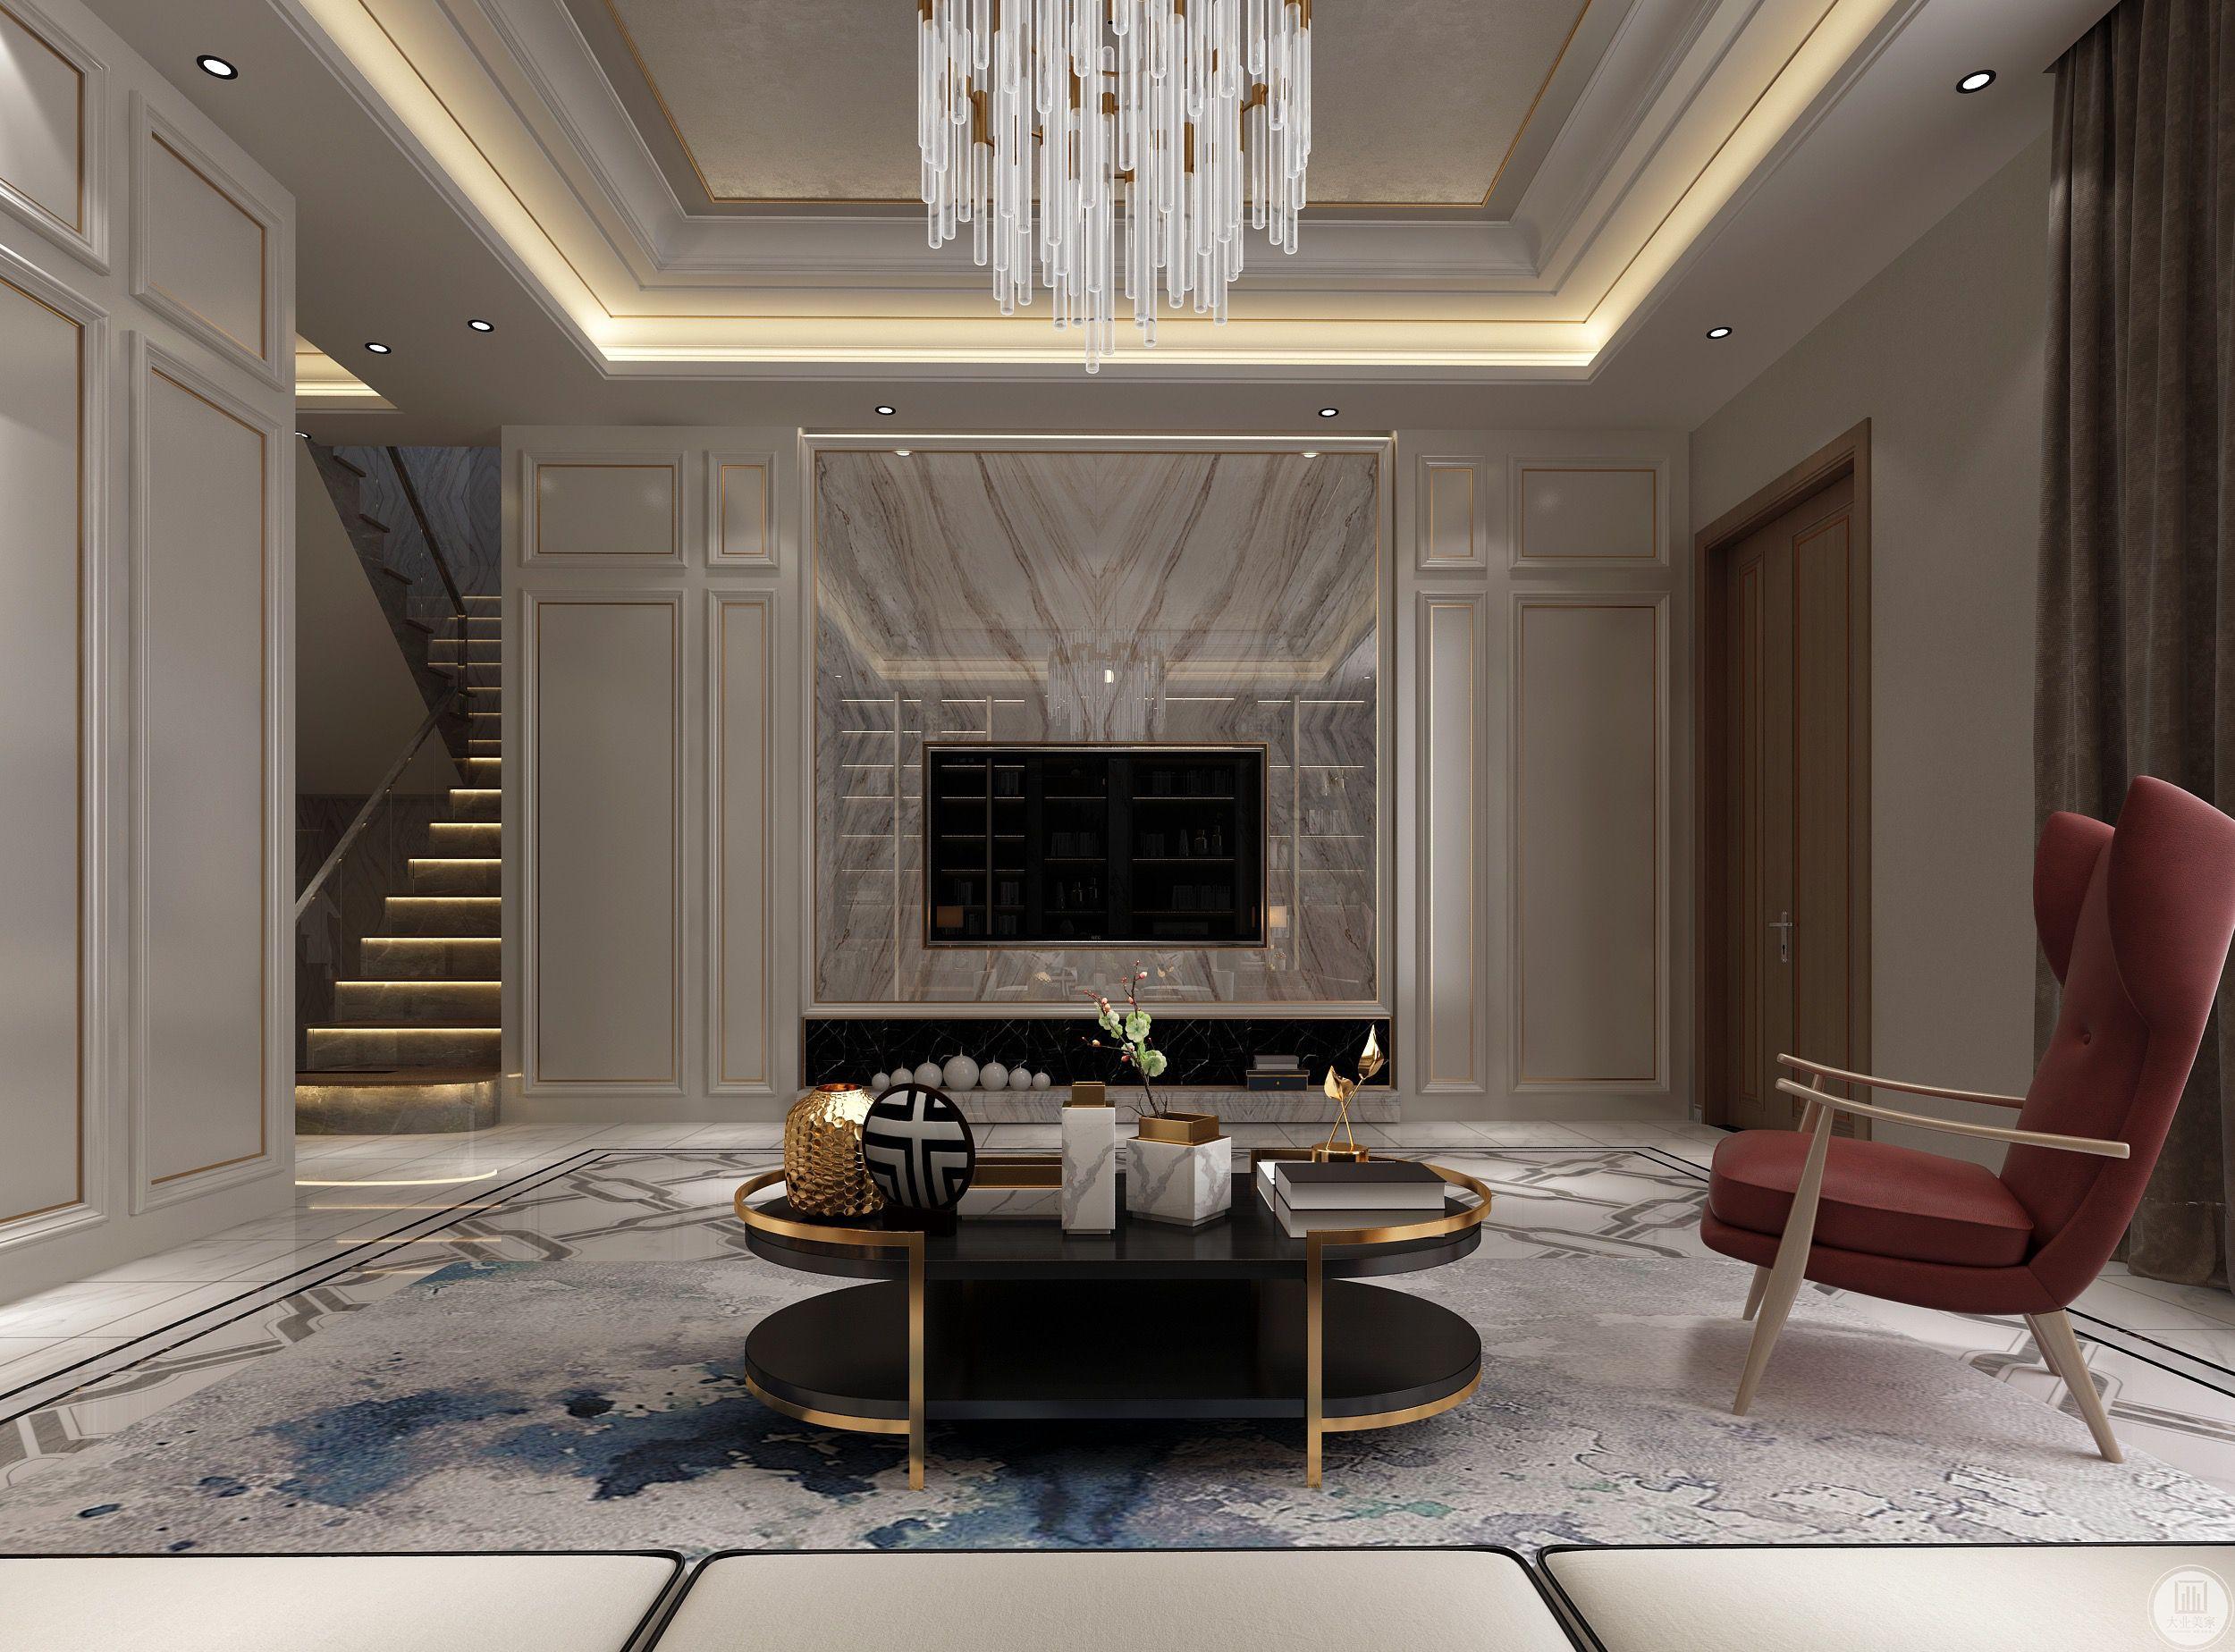 客厅的布置简单大方,设计从视觉上给人宽敞明亮的感觉。